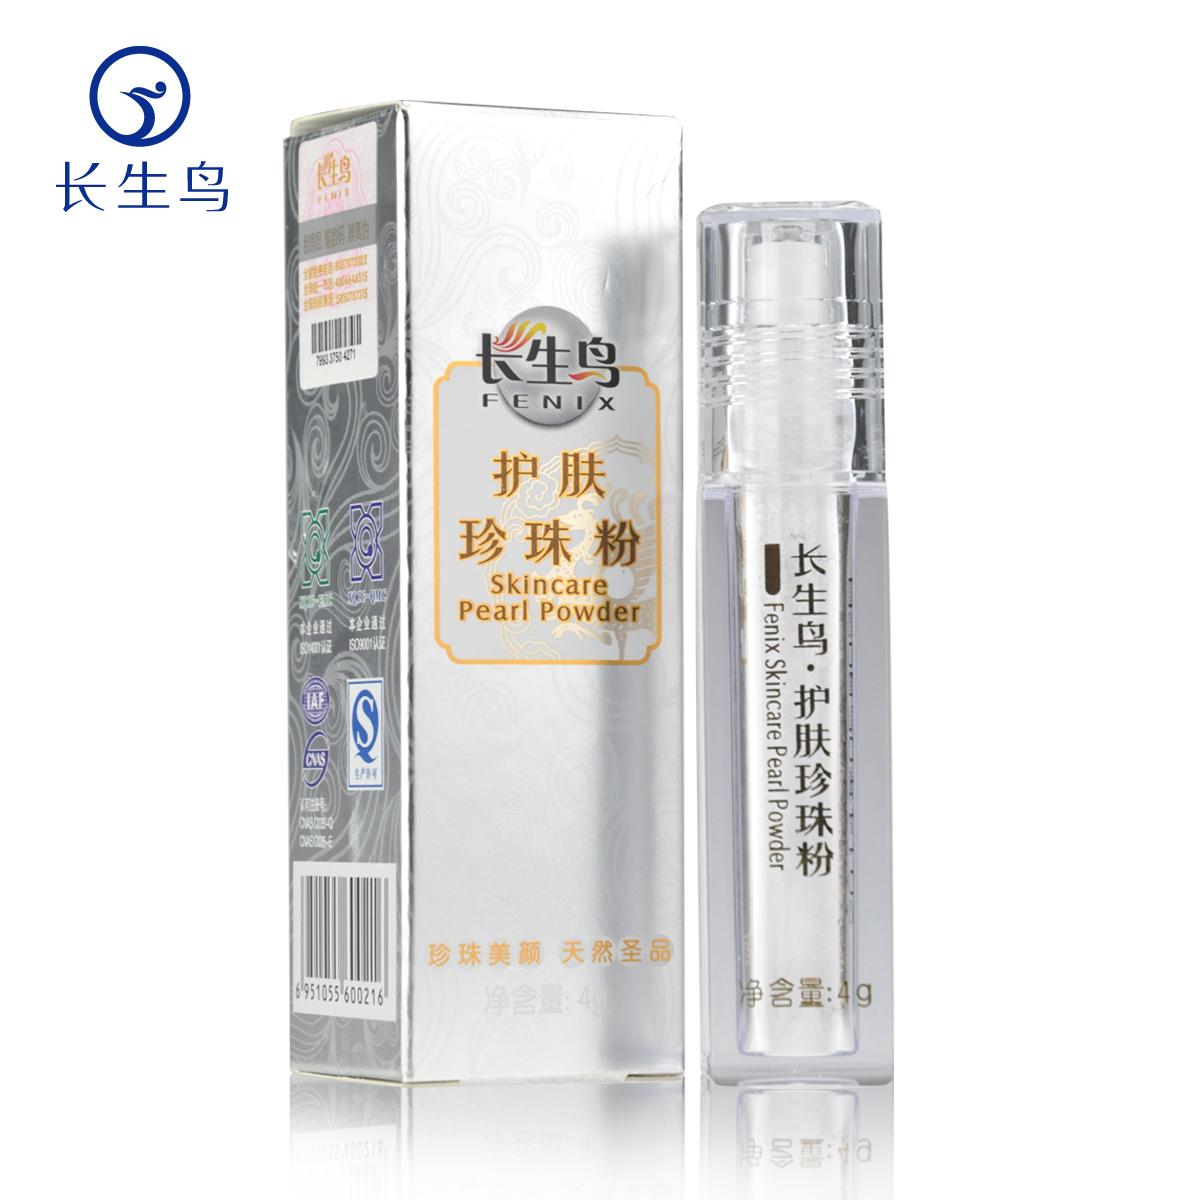 fenix pearl powder for external use mask powder aoyanlidan 4g pockmark diy printed acne(China (Mainland))